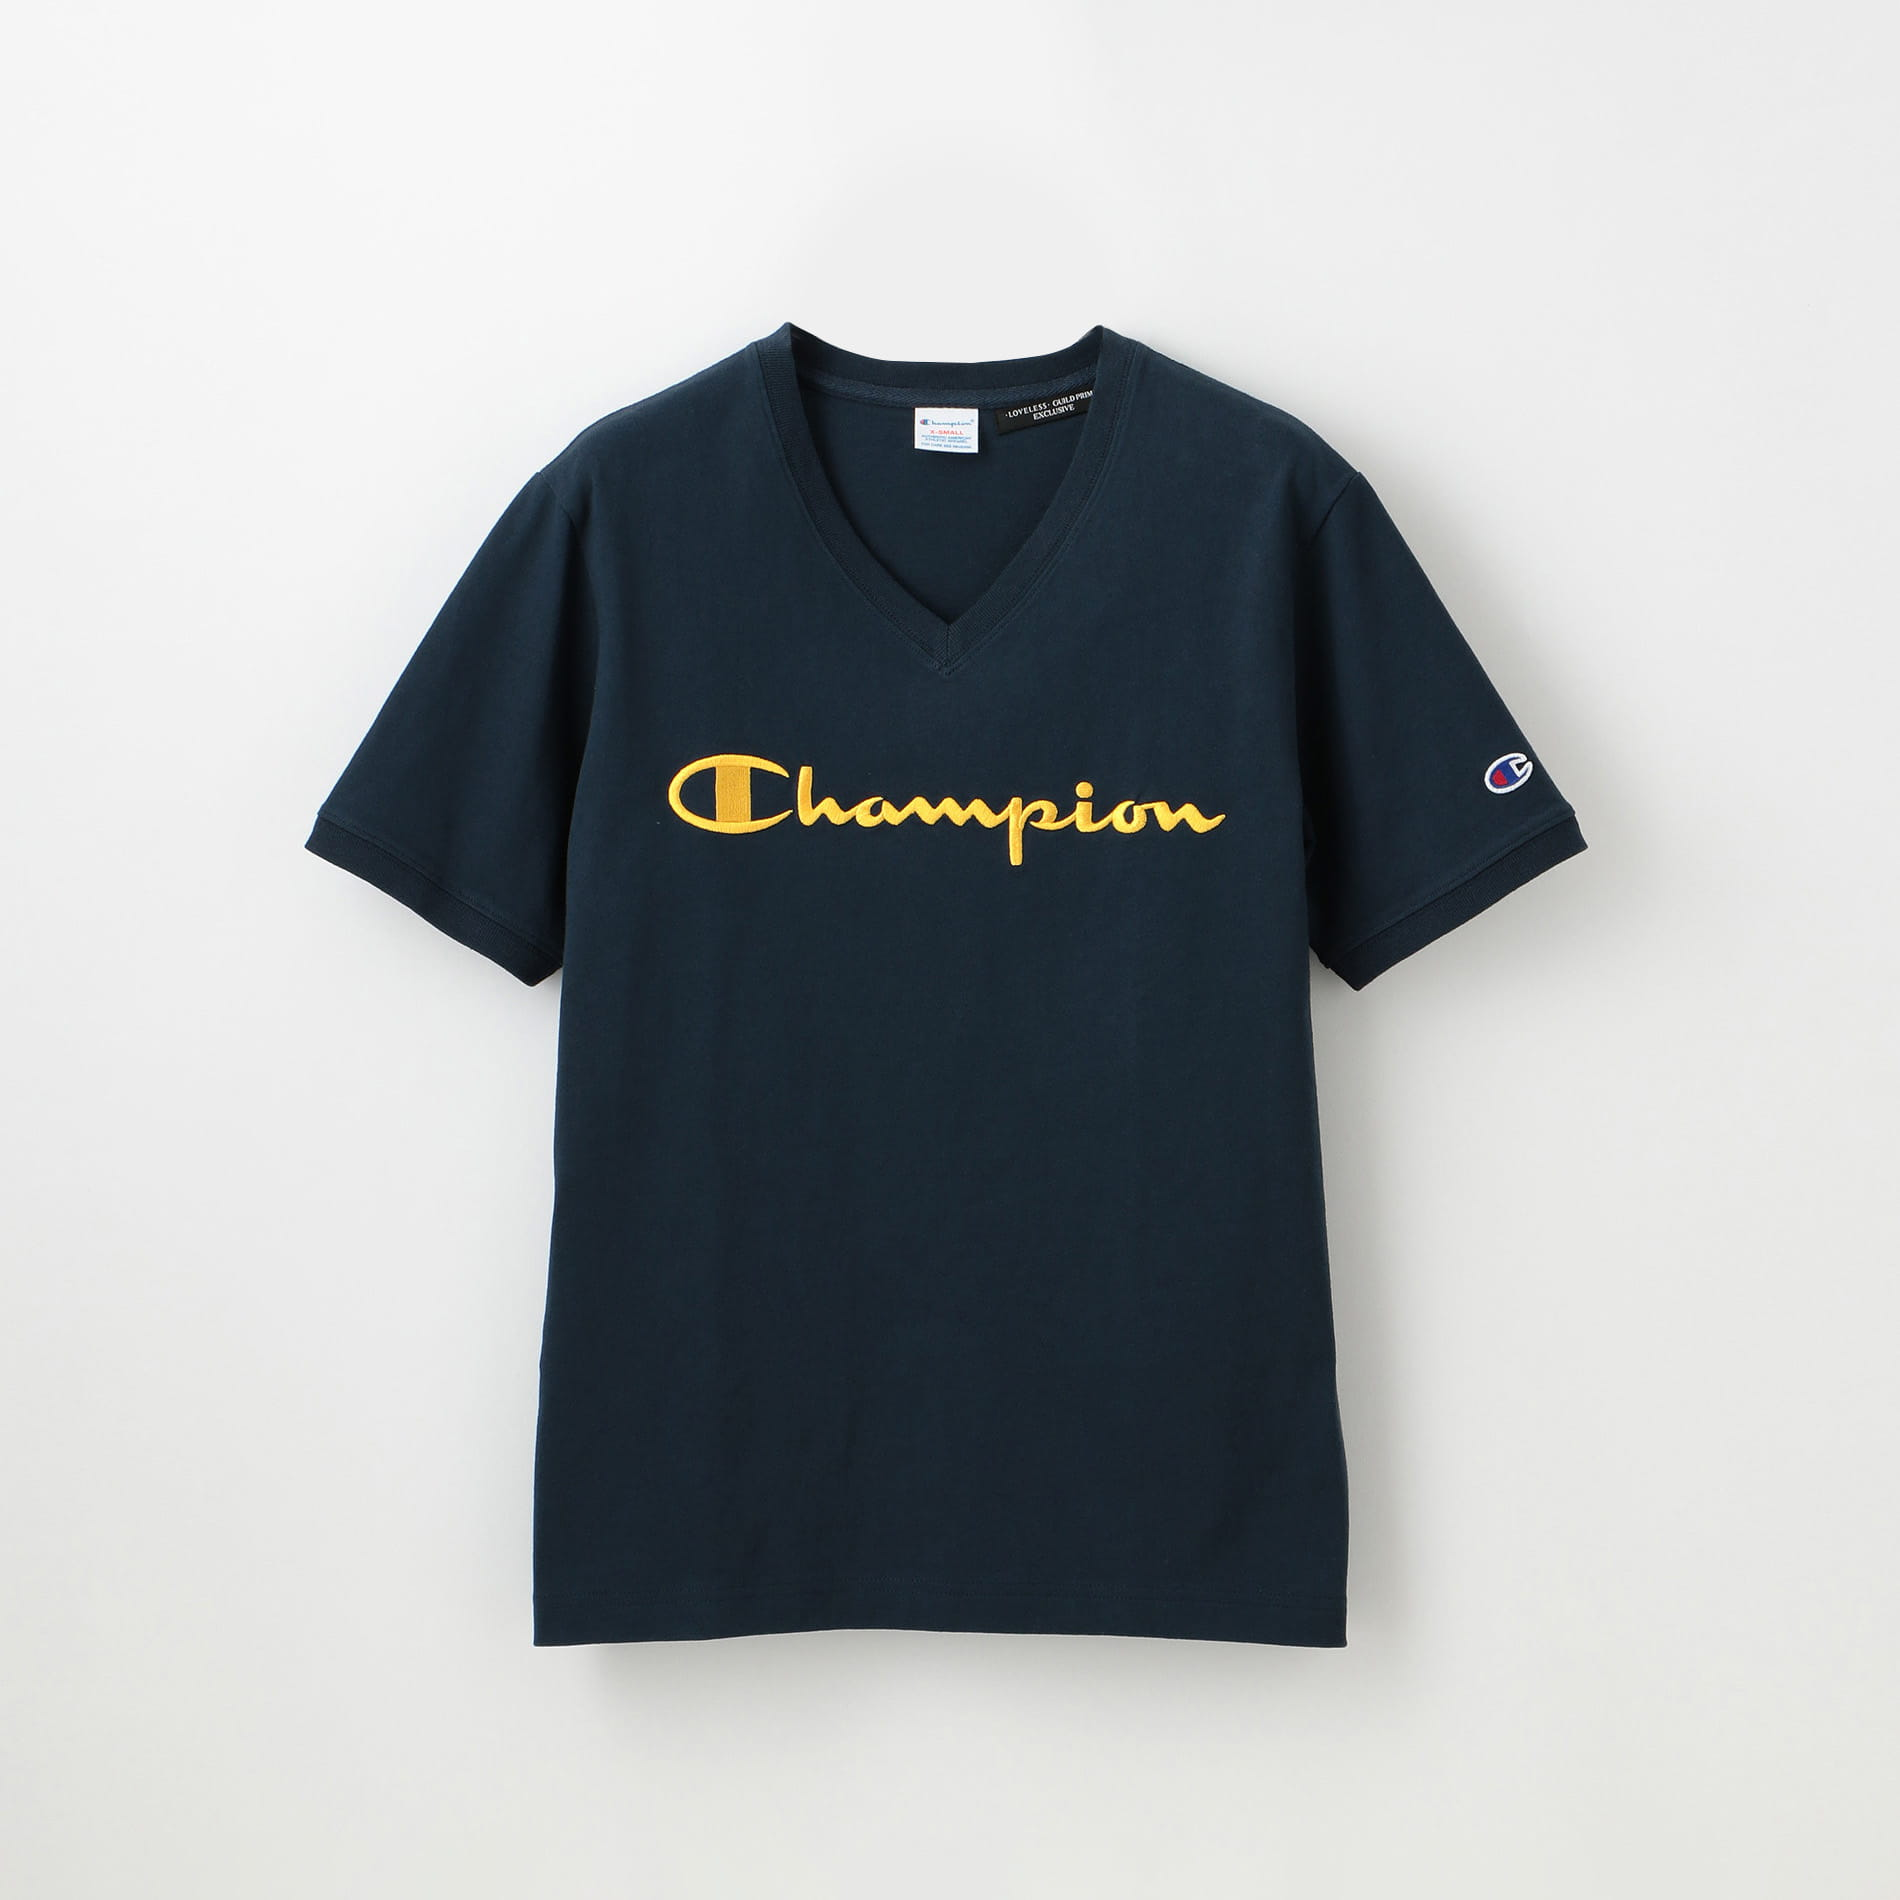 【Champion】WOMEN 別注VネックエンブロイダリーTシャツ